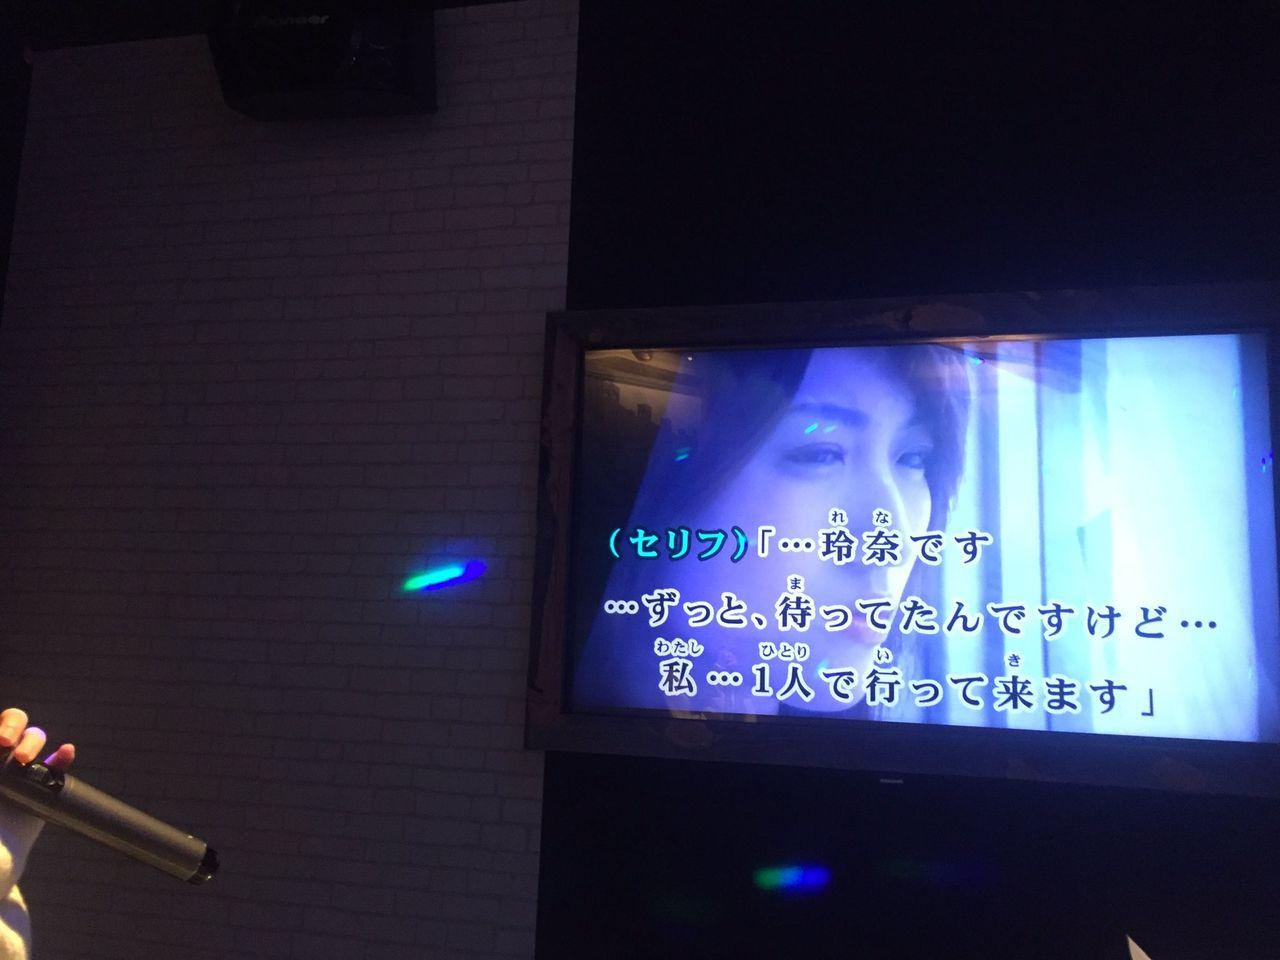 【エンタメ画像】松井玲奈さんがSKE48卒業後初めて枯葉のステーションを歌う